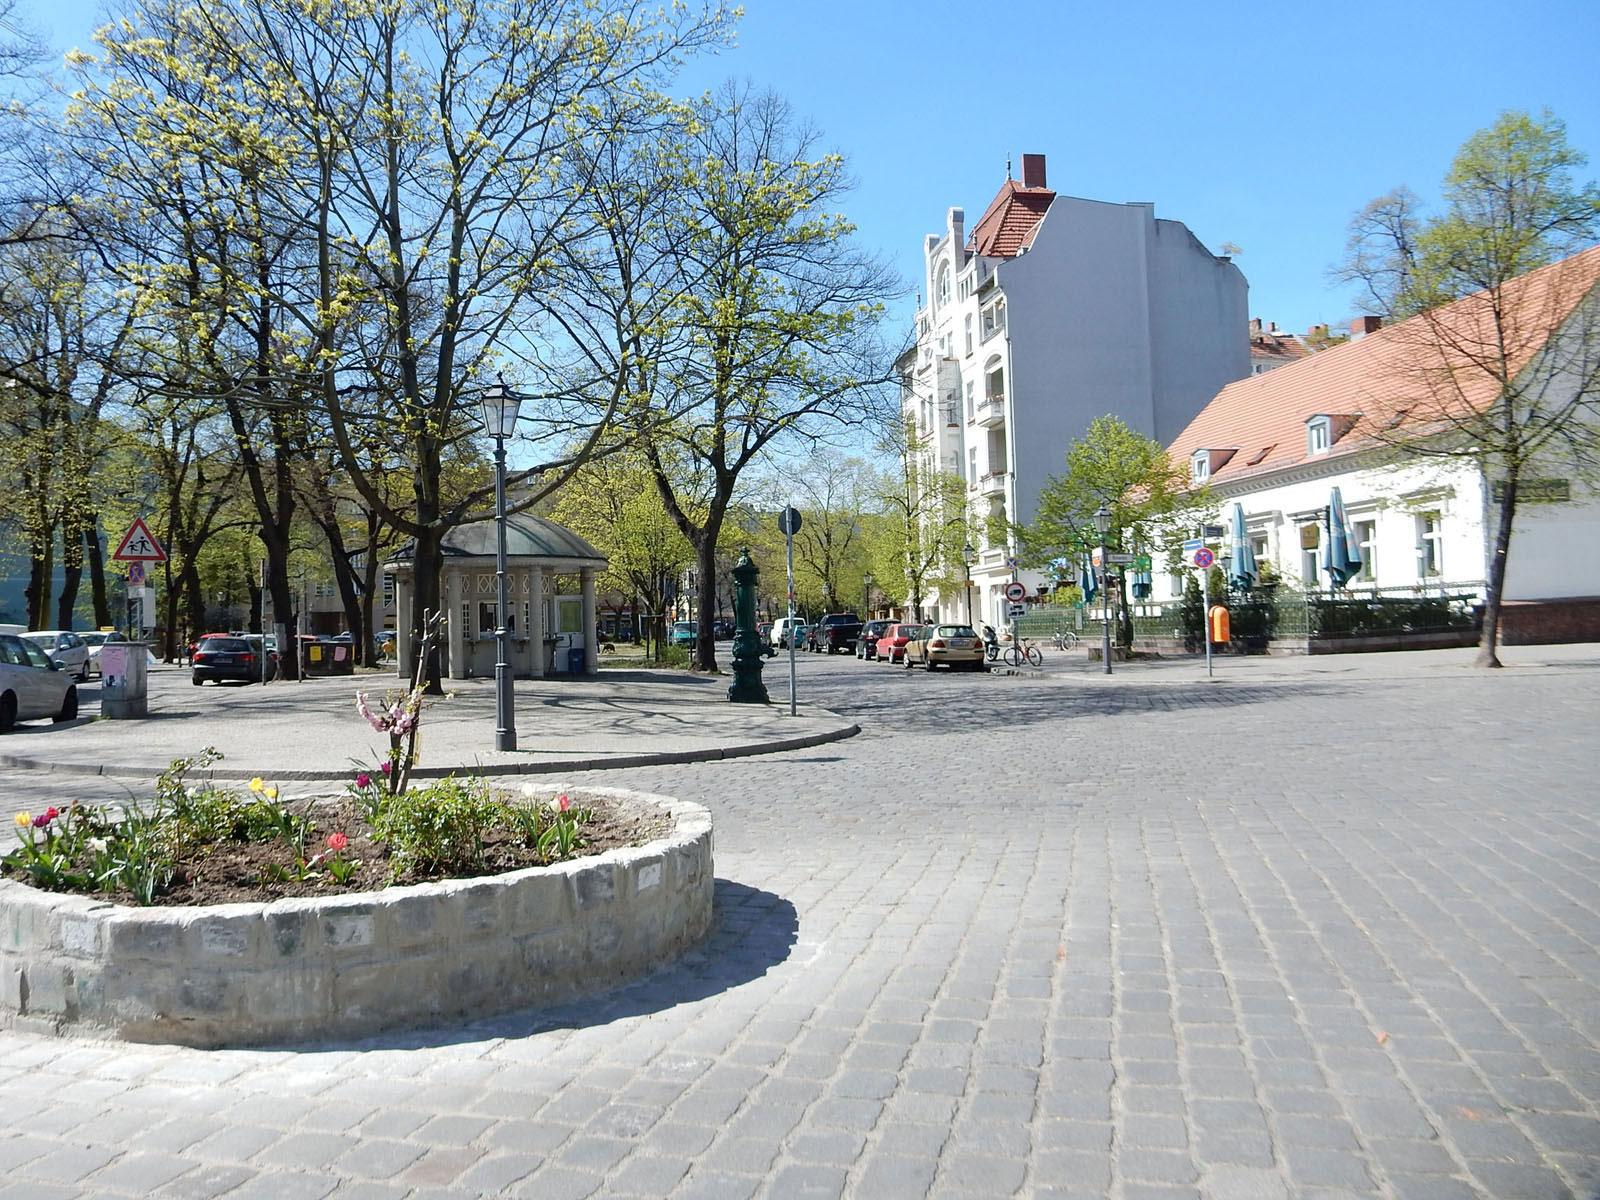 Radtour Berlin Neukölln - Richardplatz